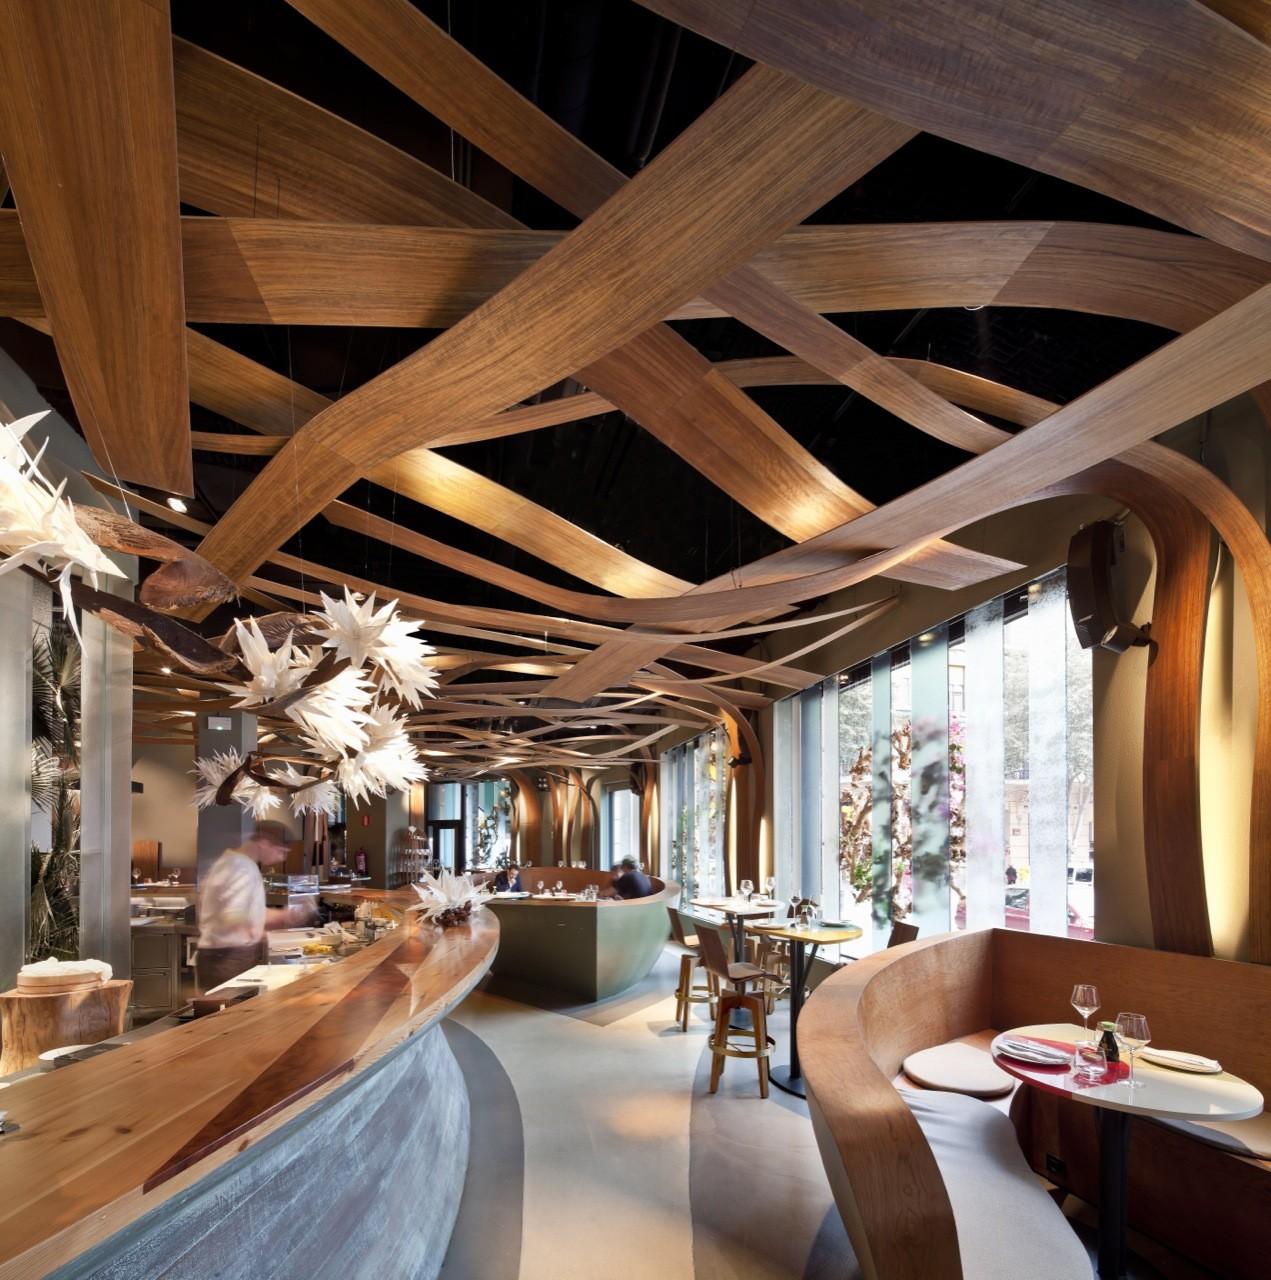 Guarda Muebles En Barcelona : Restaurant ikibana paral el equipo creativo archdaily